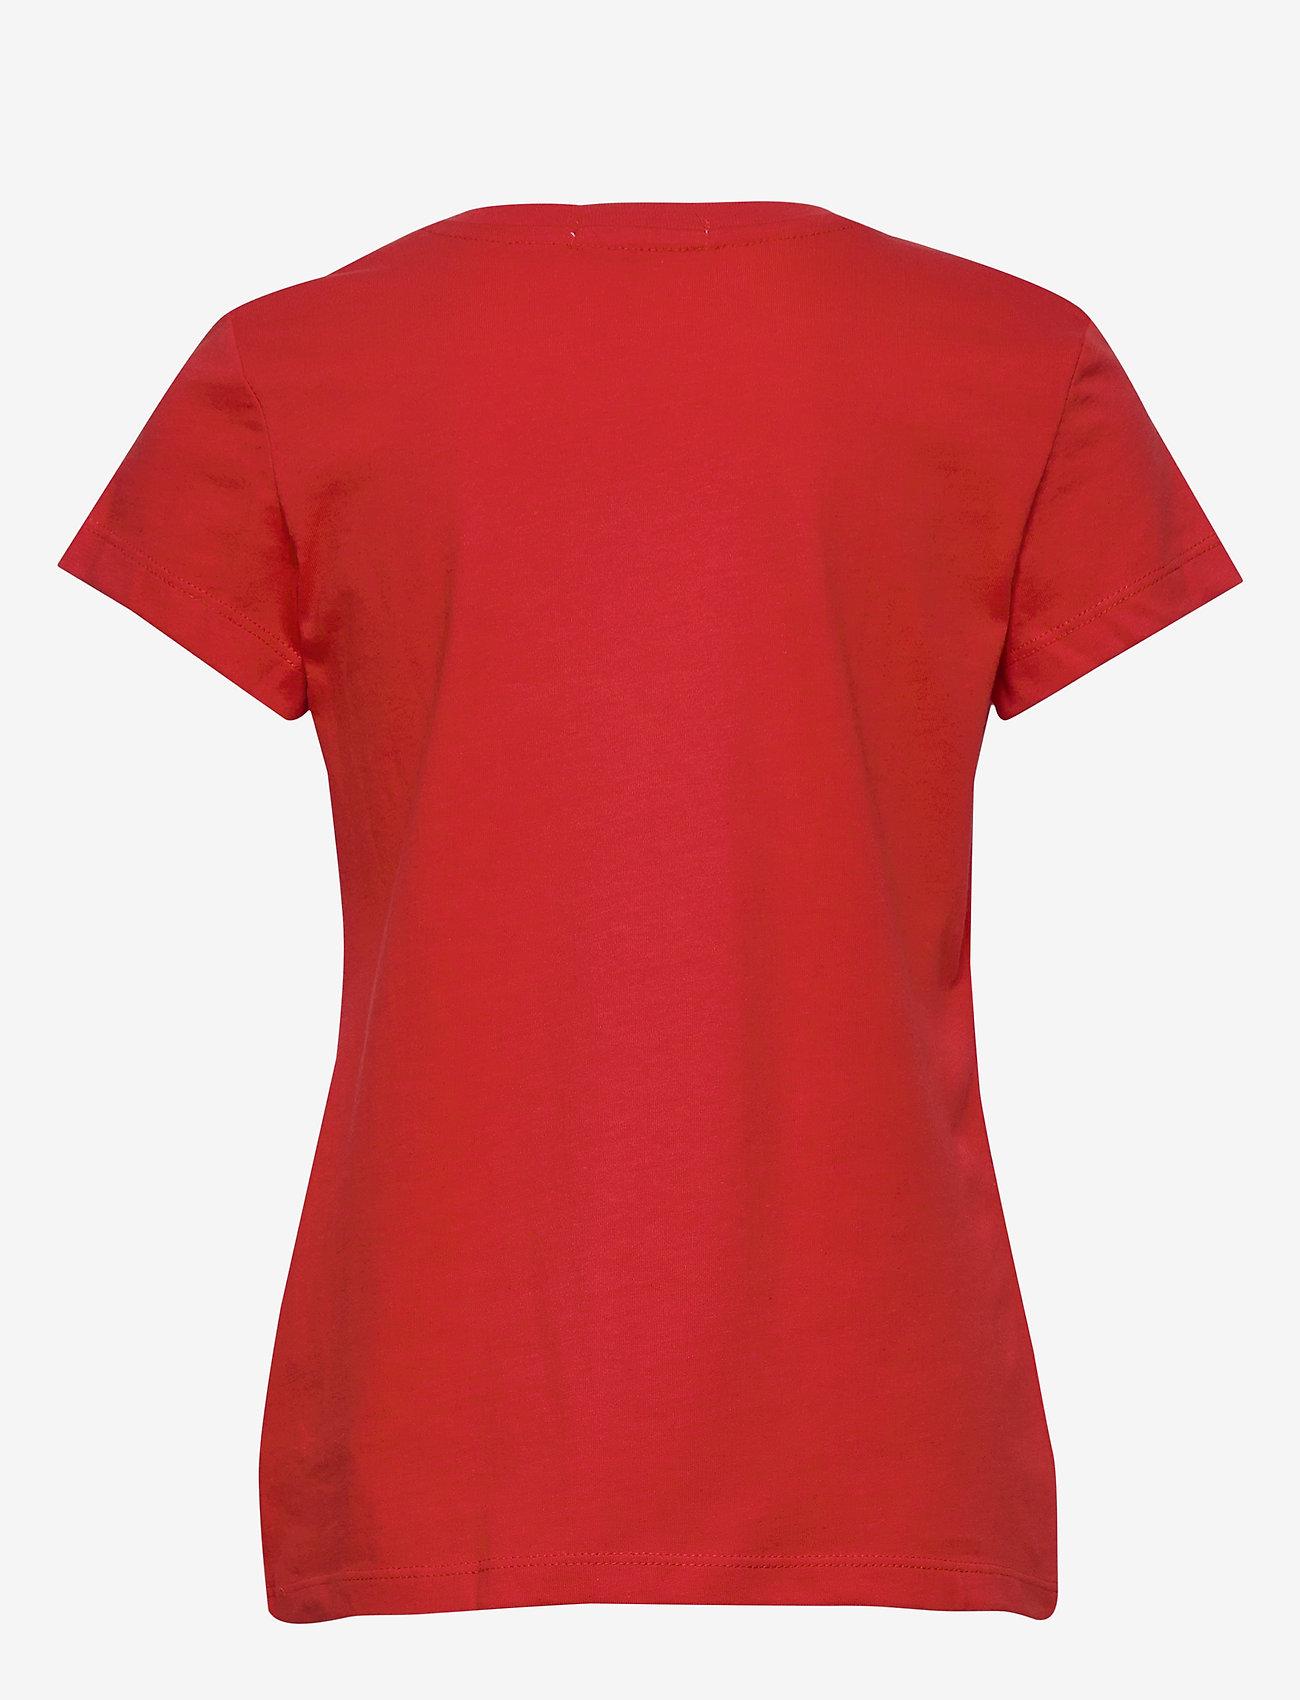 Calvin Klein - METALLIC CHEST LOGO SLIM TOP - korte mouwen - fierce red - 1